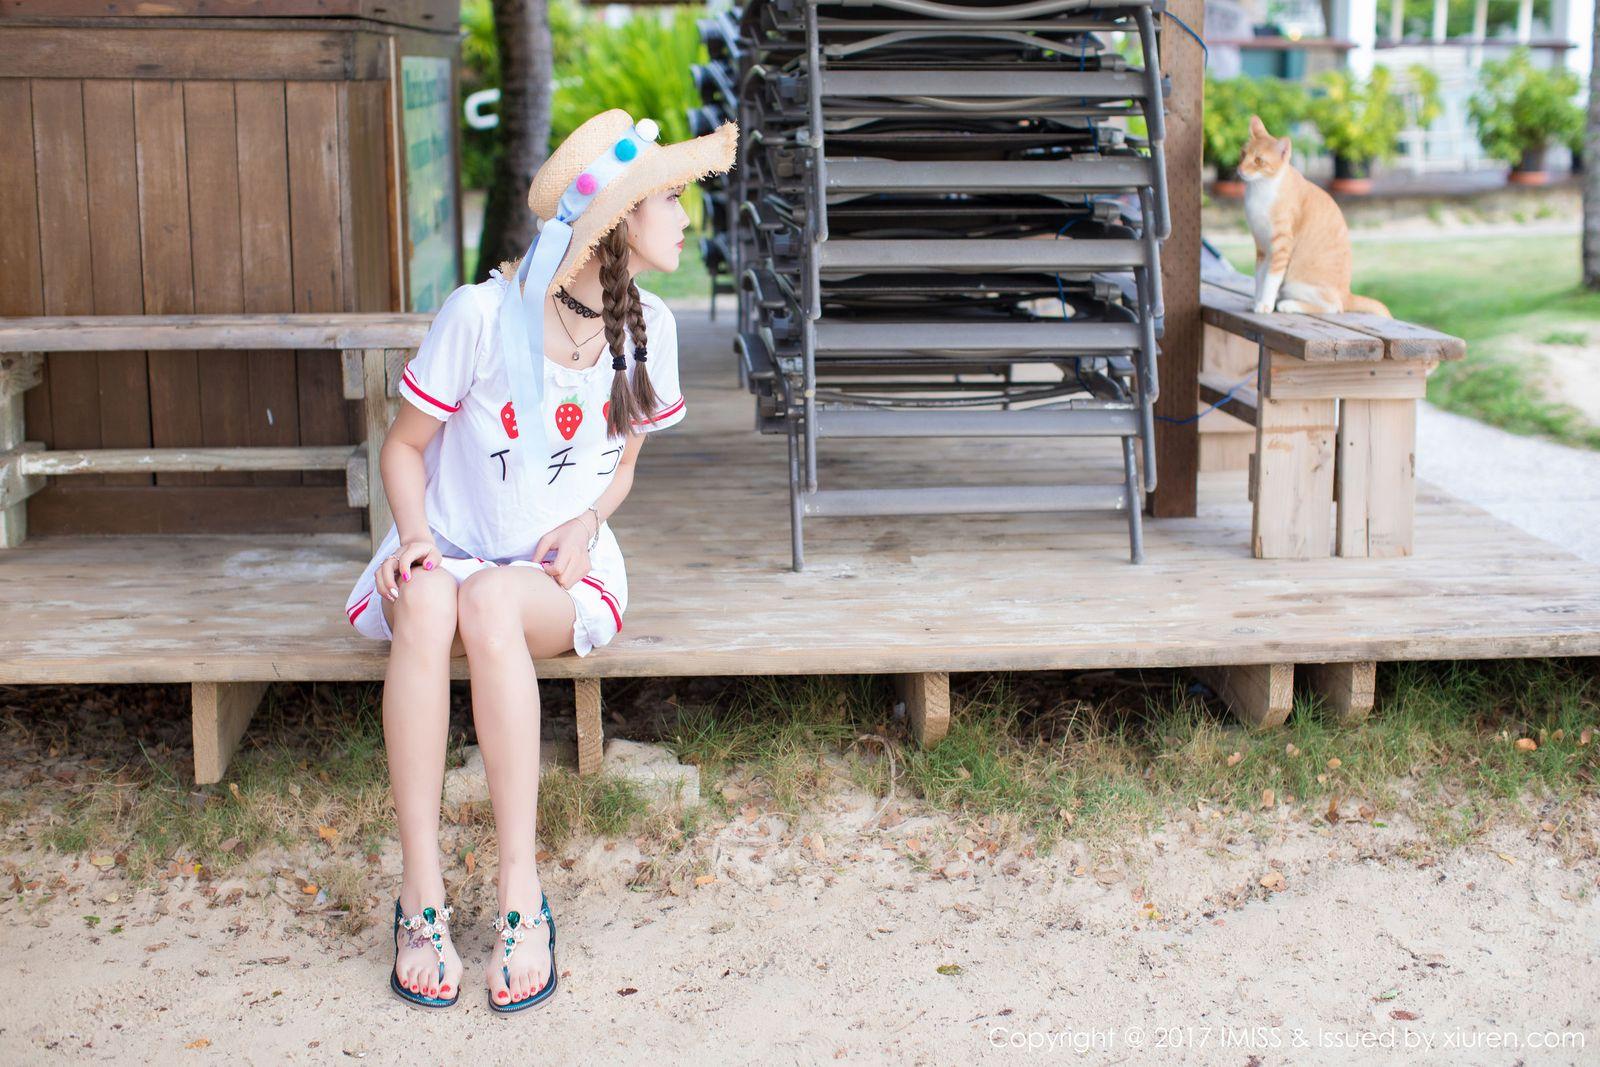 [IMISS爱蜜社] 香车美女杨晨晨sugar阳光沙滩比基尼塞班旅拍